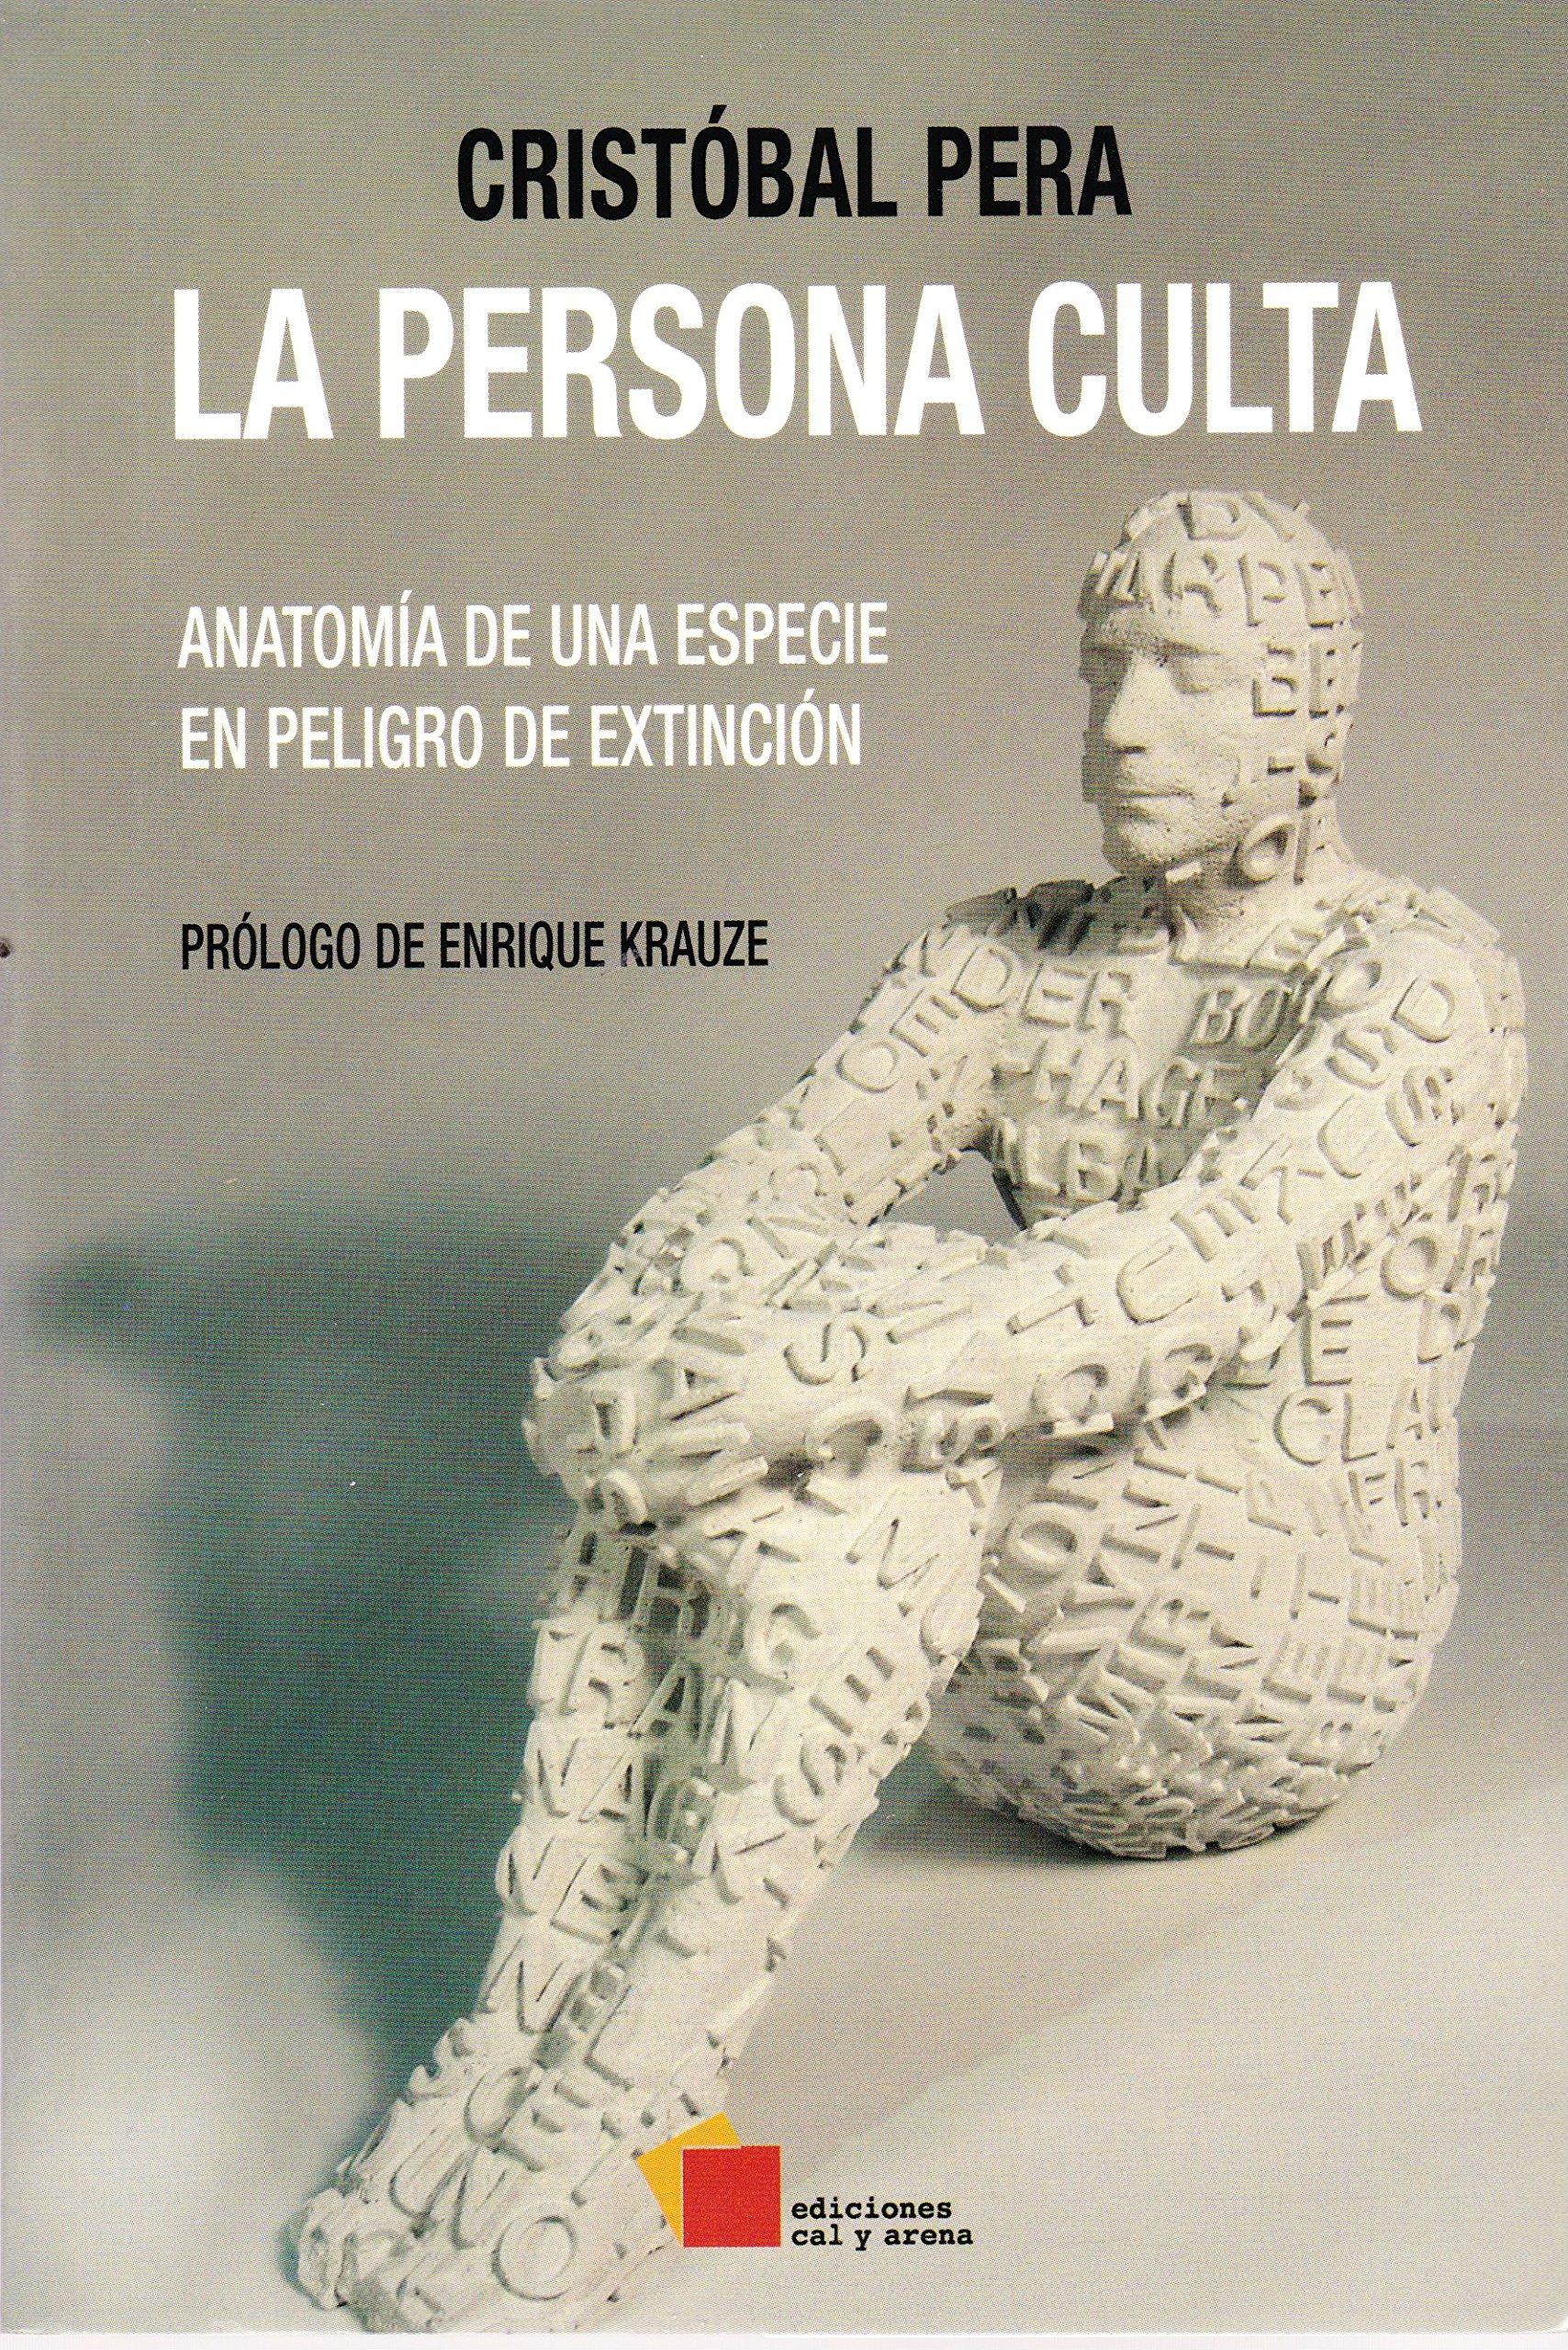 La persona culta: Anatomía en una especie en peligro de extinción ...